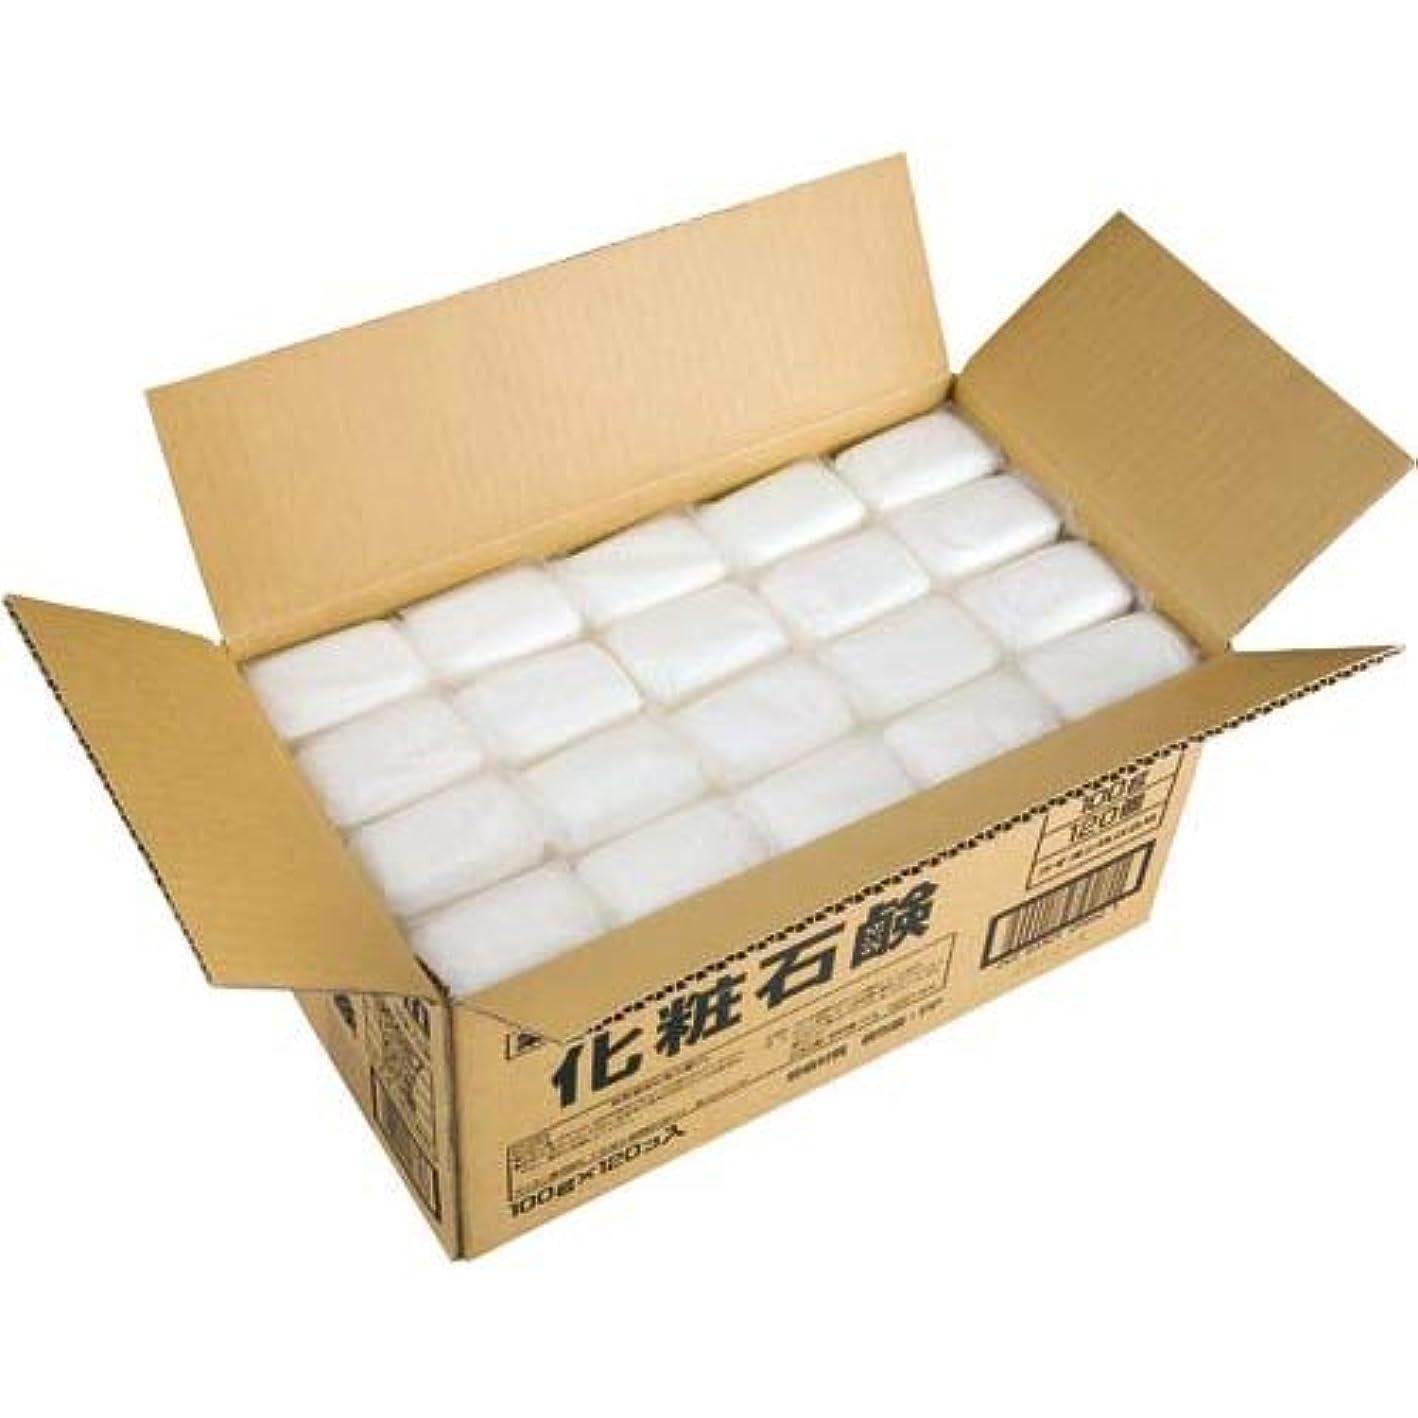 反論アグネスグレイゆるいライオン 植物物語 化粧石鹸 (100g×120入)